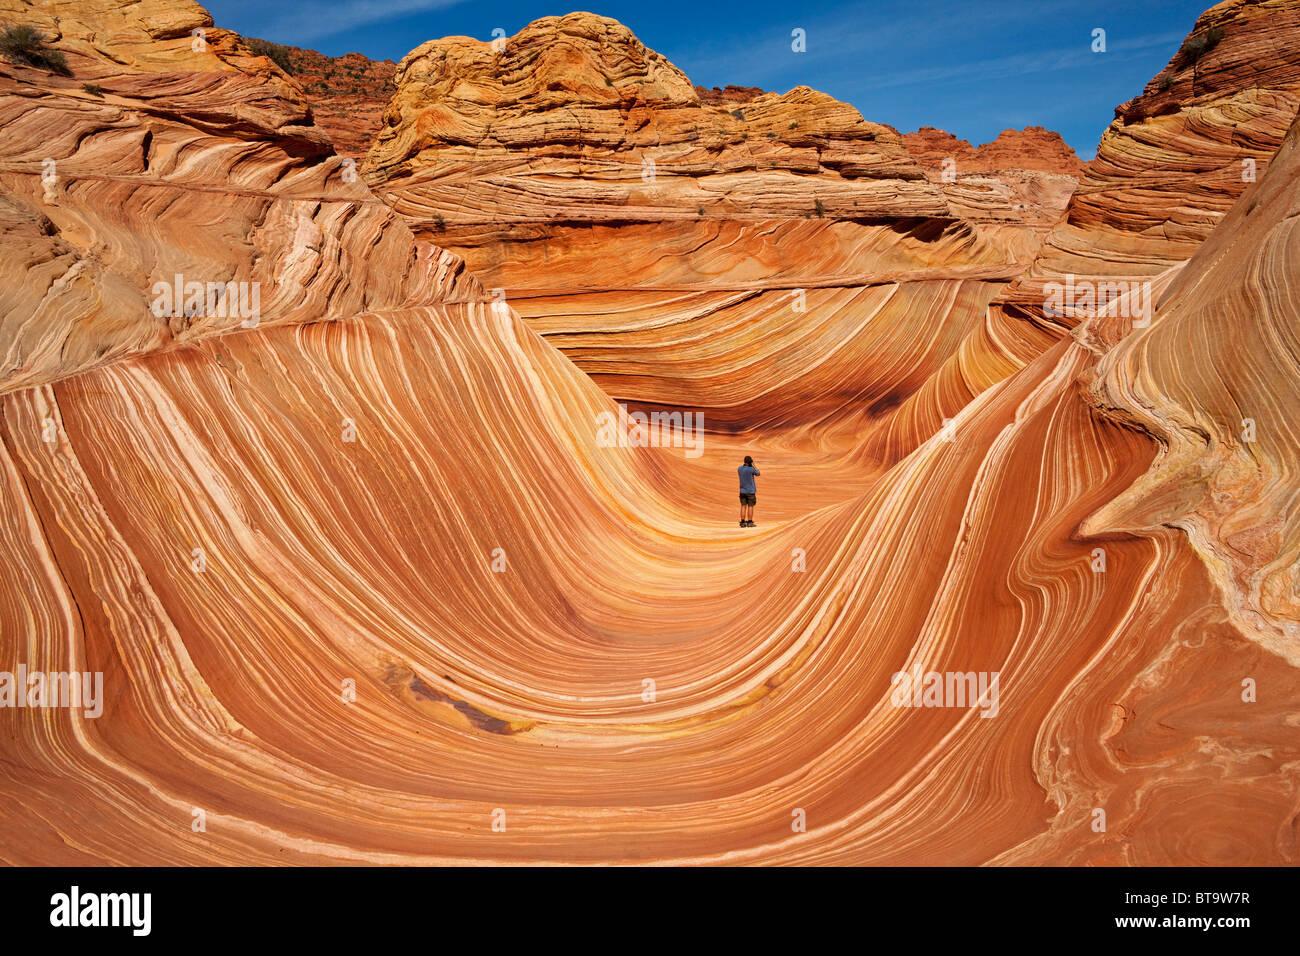 Turisti in onda, formazione di roccia in Coyote Buttes North, Paria Canyon-Vermilion scogliere deserto dello Utah, Immagini Stock